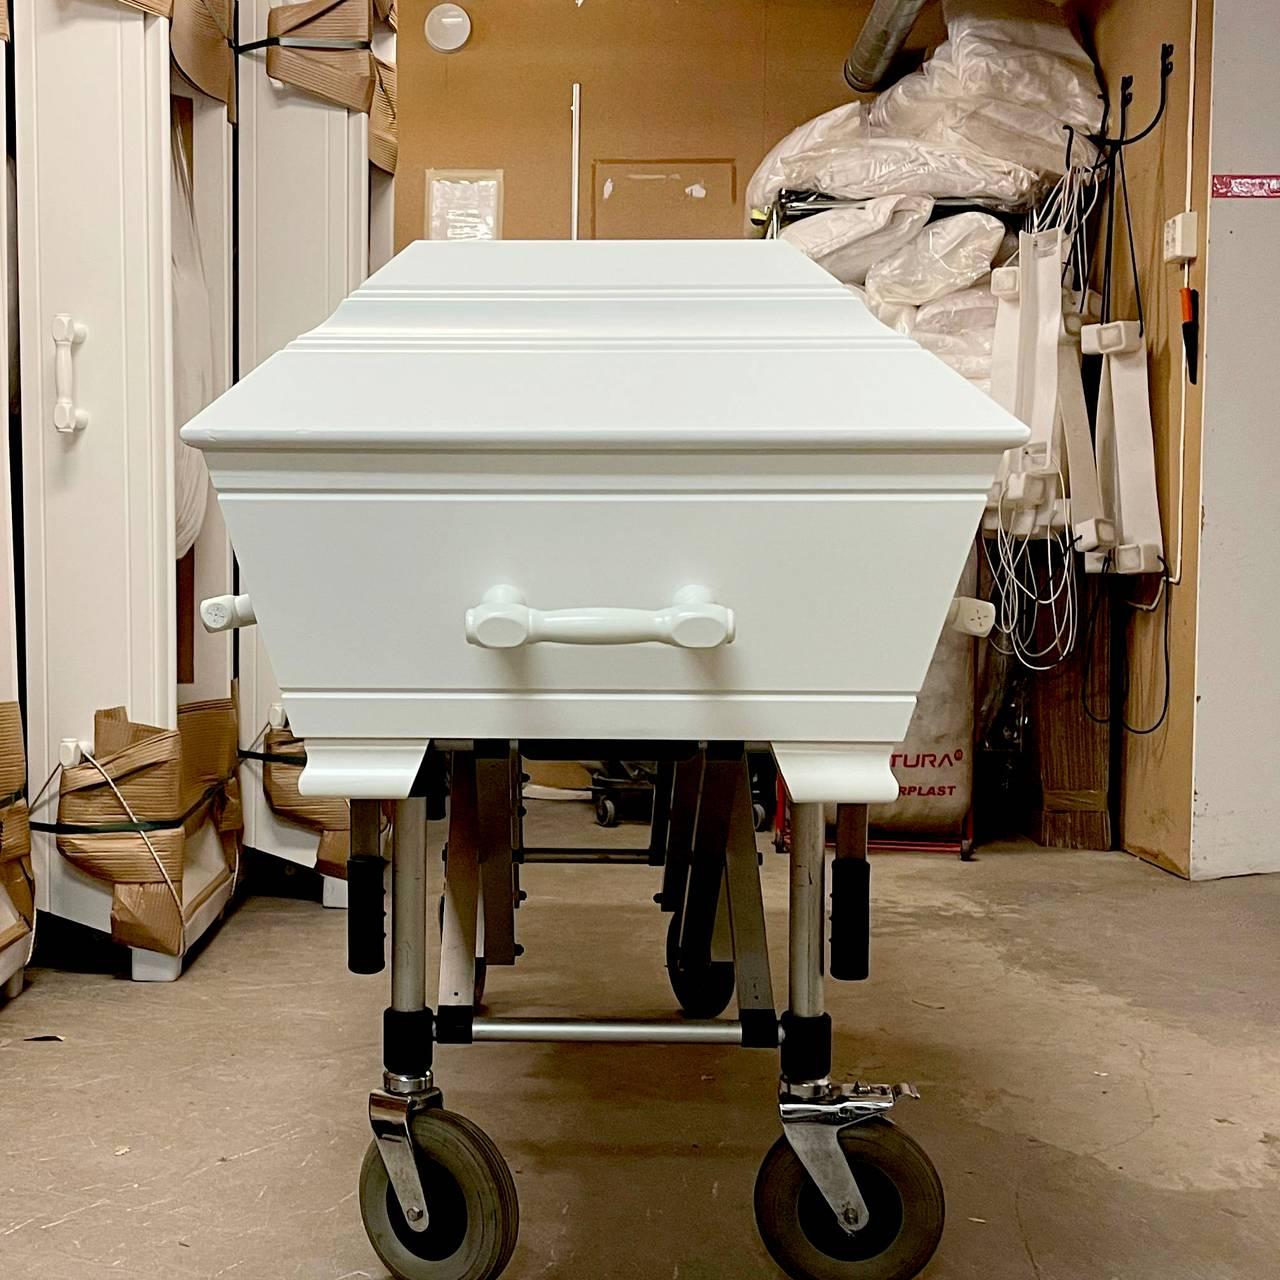 En normal hvit likkiste står på ei tralle med hjul nede i kjelleren til Svanholm og Vigdal gravferd, hvor de har lageret sitt med kister. De står stablet langs veggene.